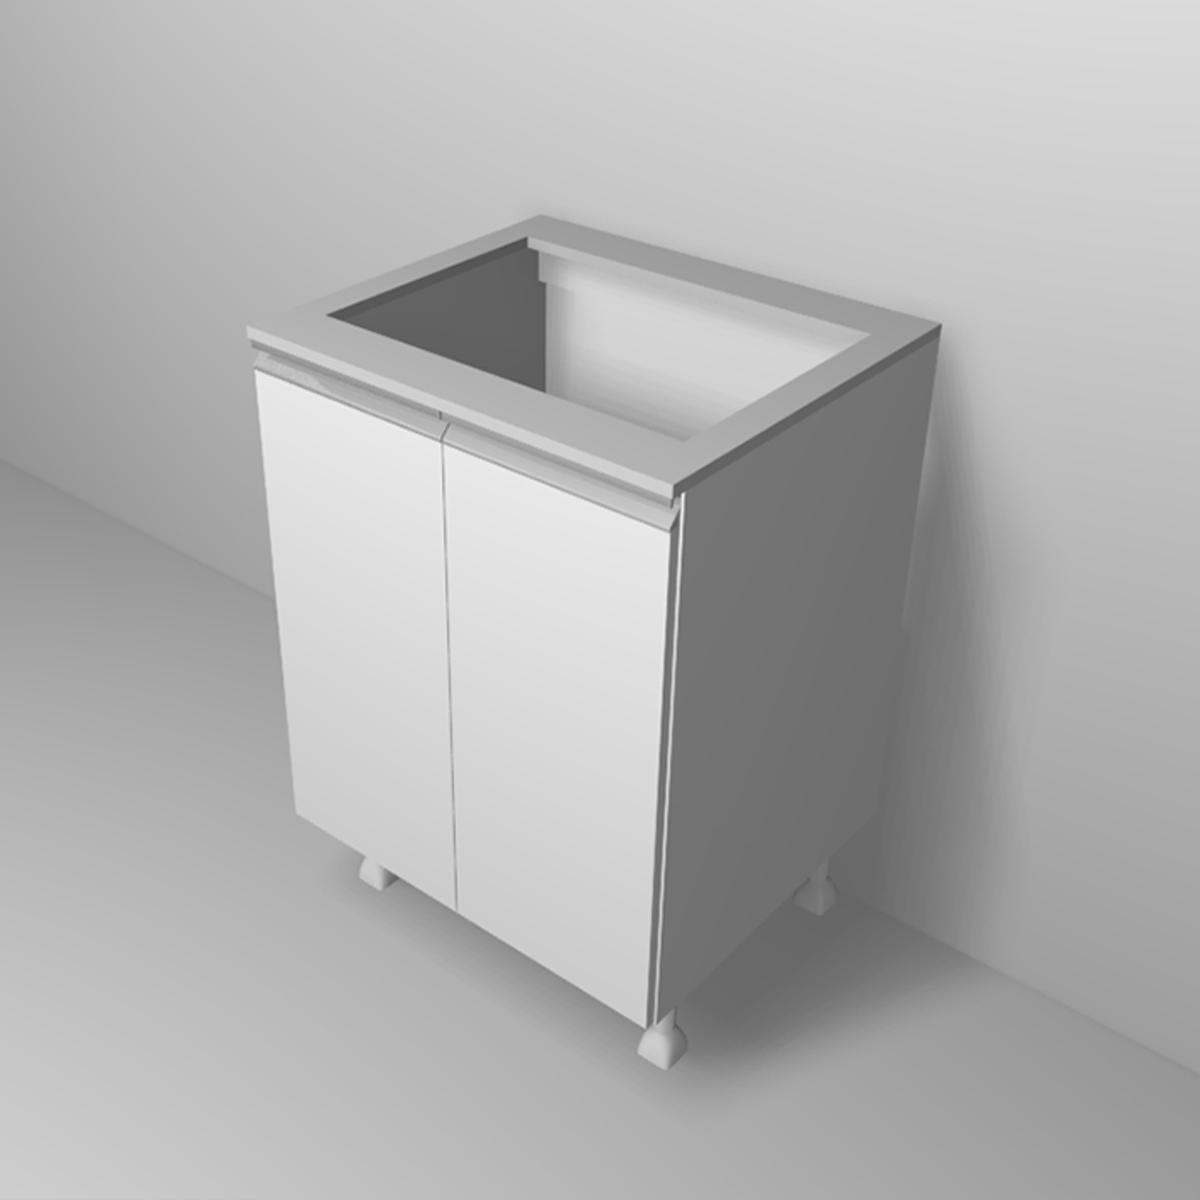 Balcão Para Fogão Cooktop 60cm Cozinha com 2 Portas